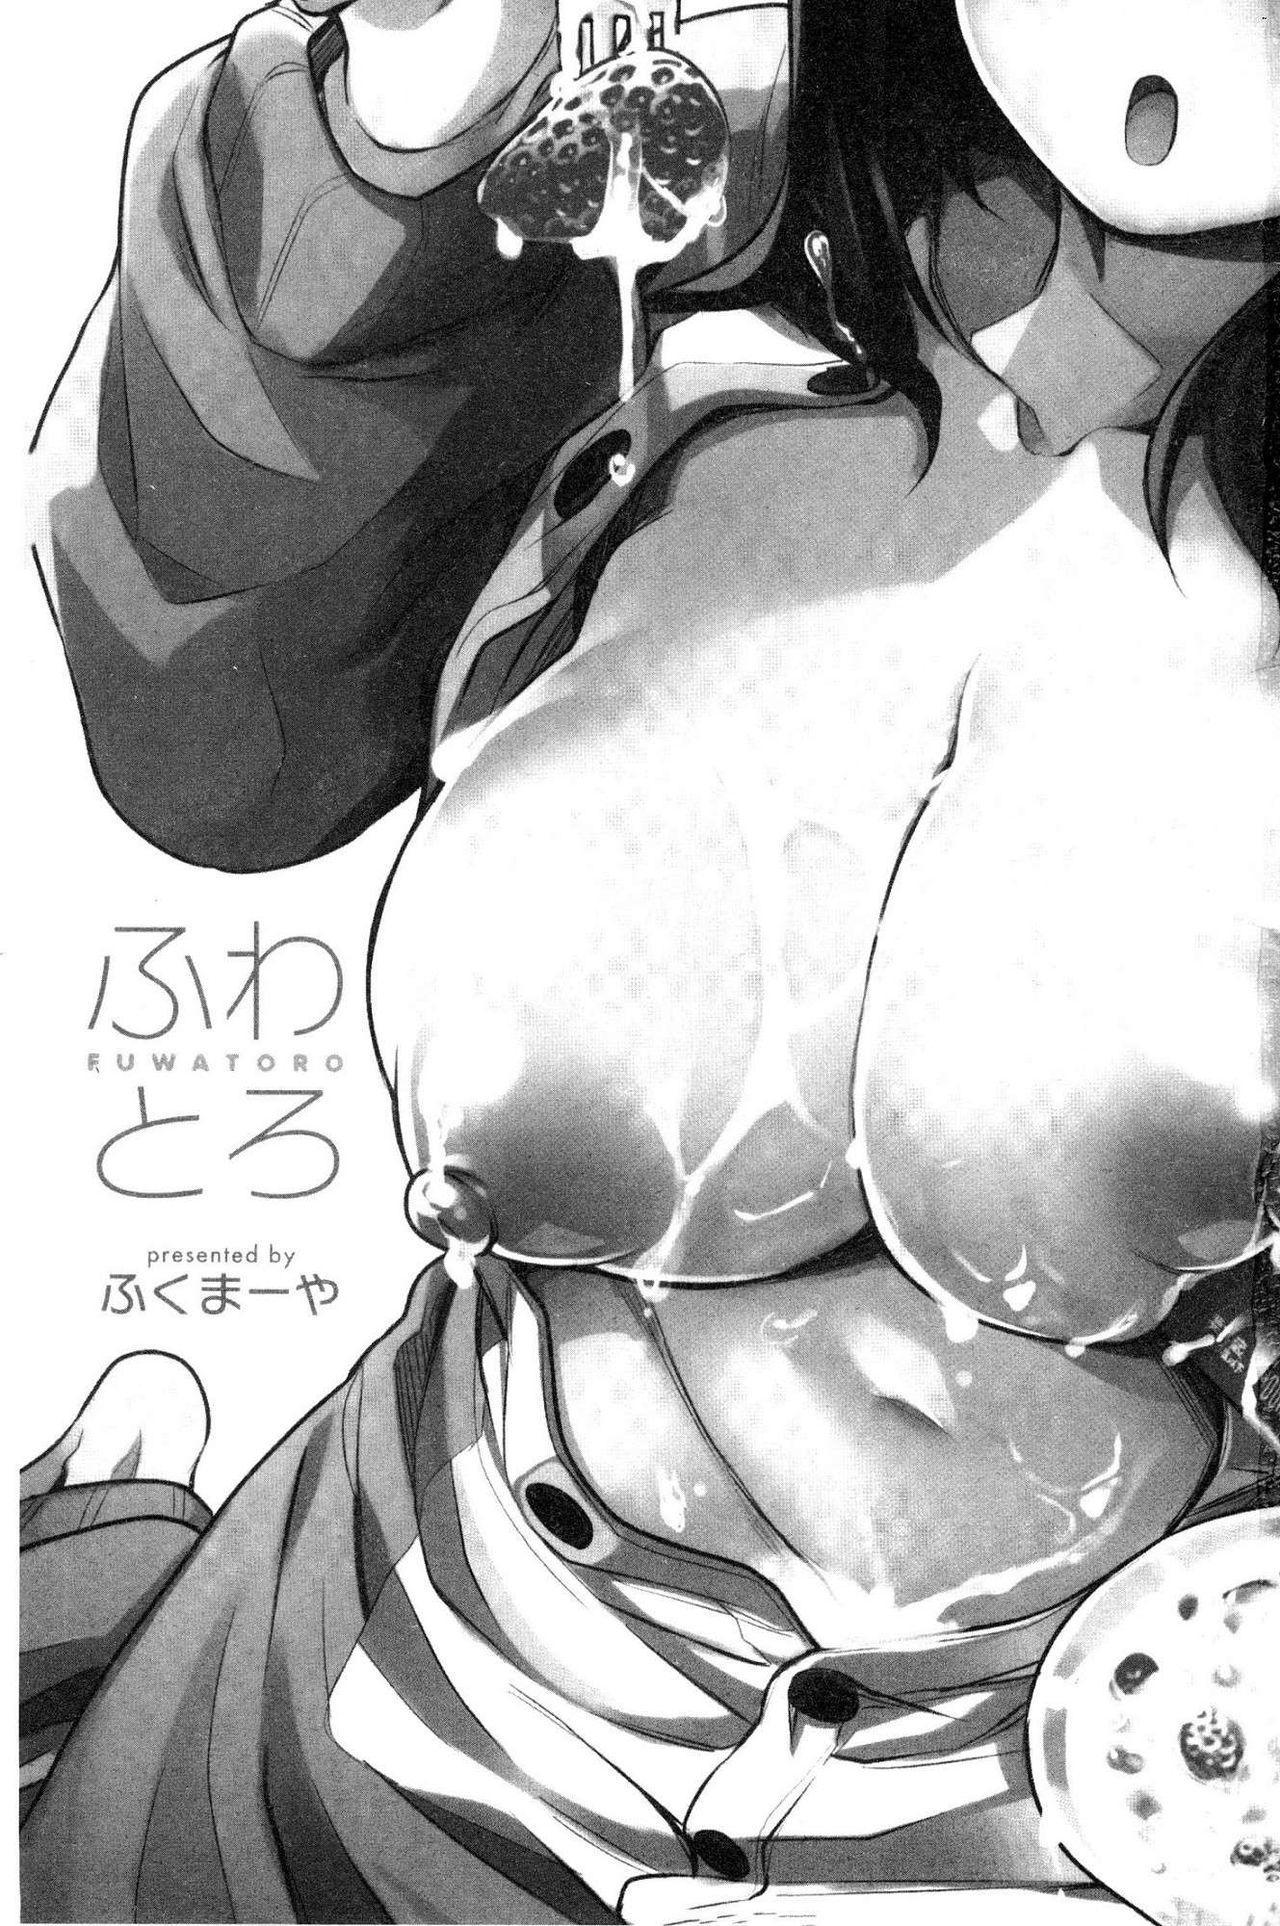 Fuwa toro 2